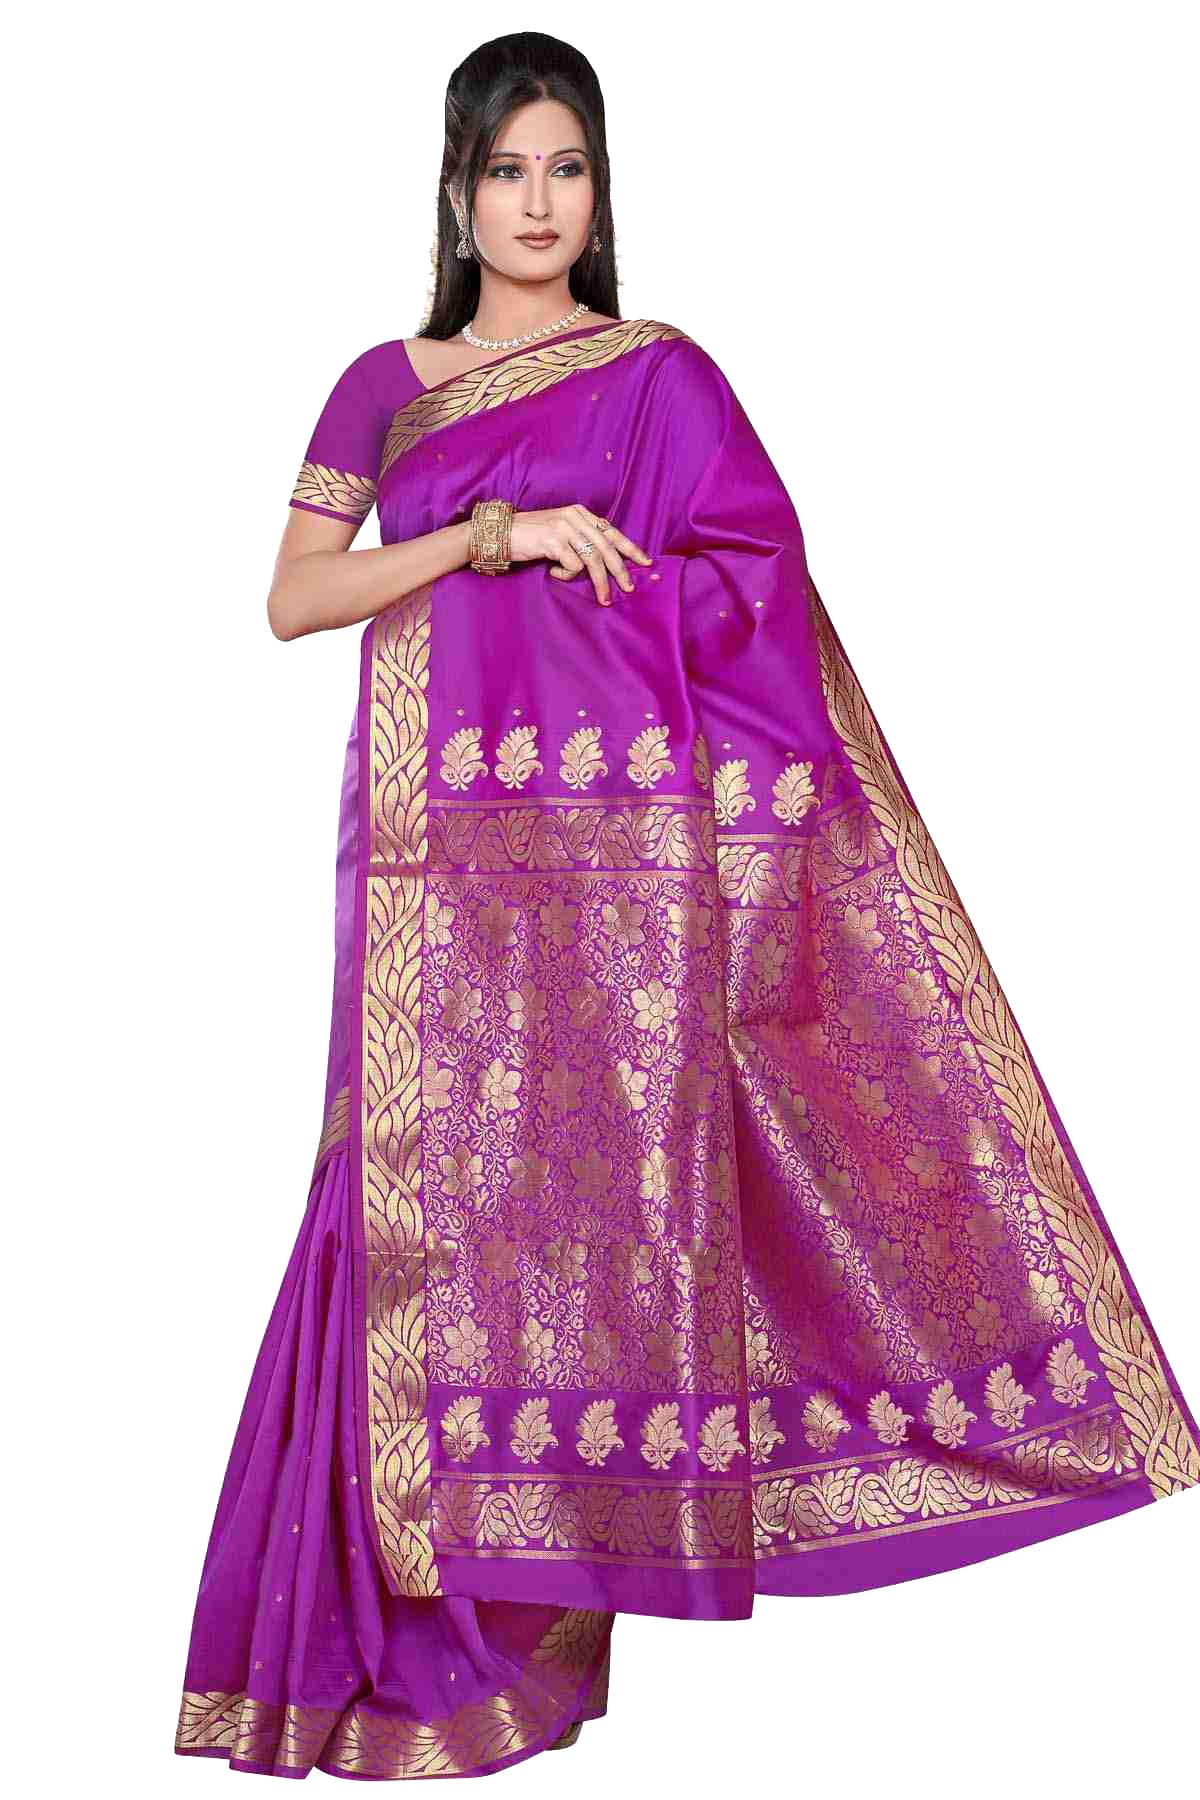 Violet red -  Benares Art Silk Sari  SareeBellydance Fabric (India)